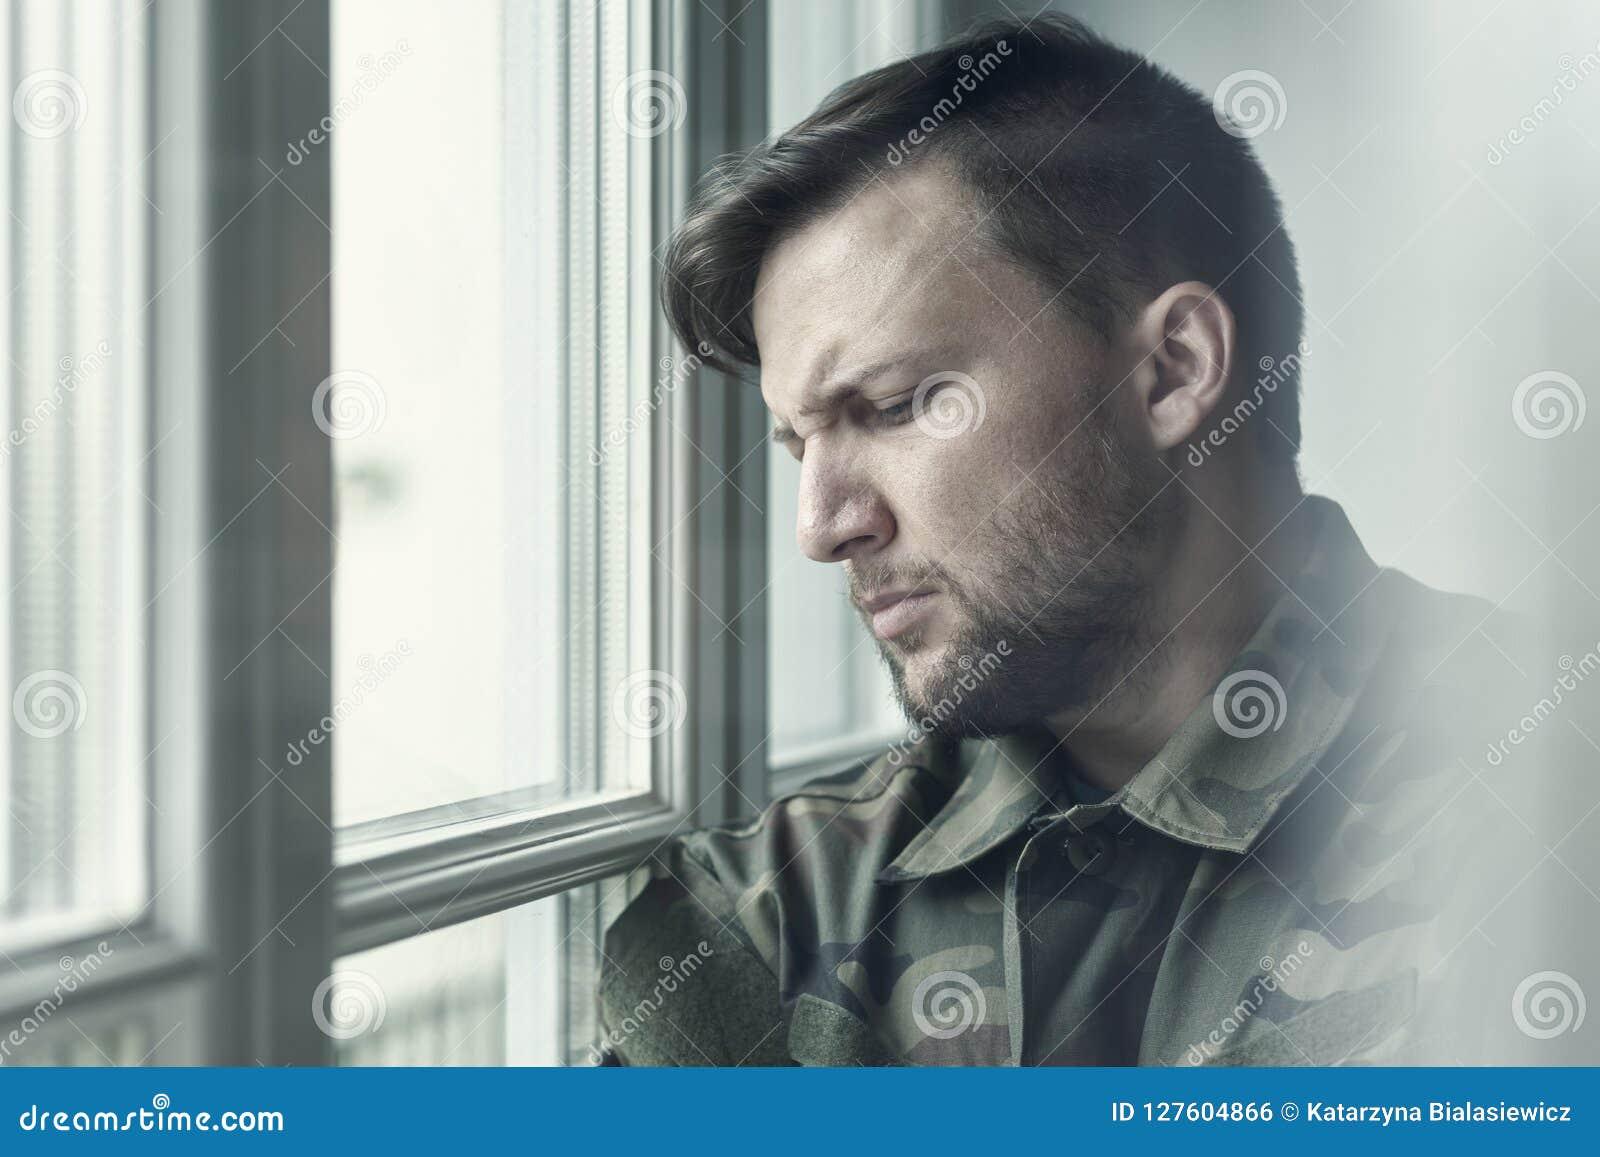 Soldat triste et seul dans la dépression après guerre avec le problème émotif